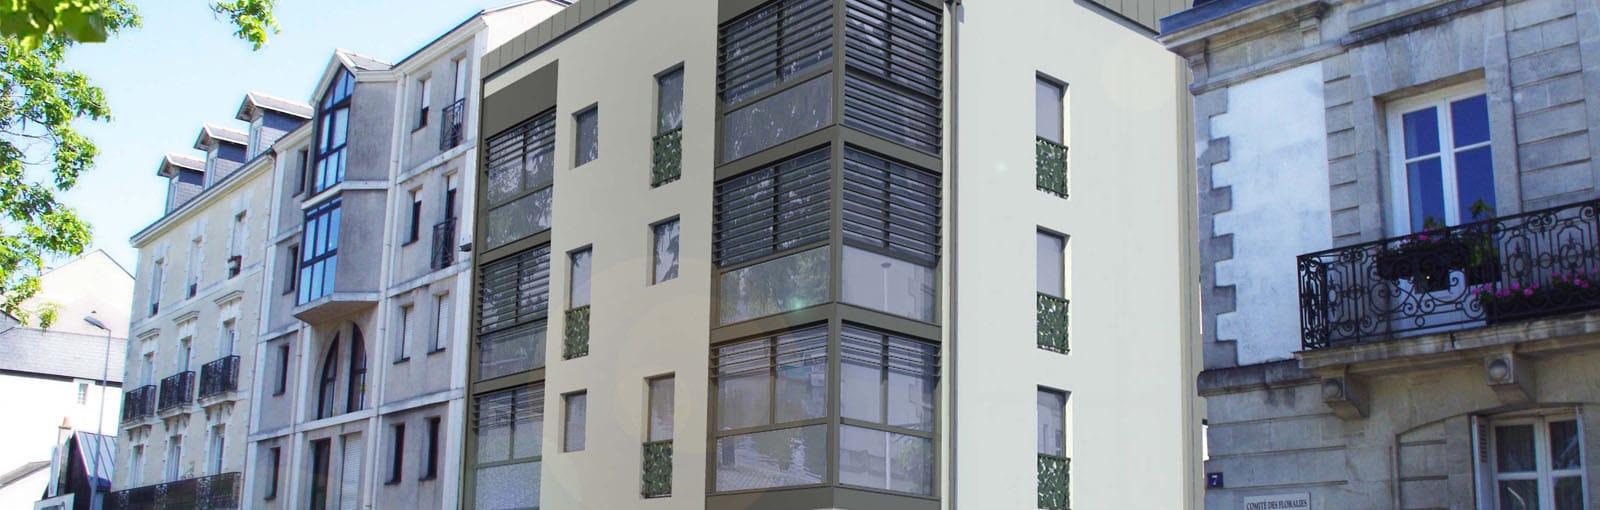 bureaux neufs louer nantes centre les etamines duret promoteur. Black Bedroom Furniture Sets. Home Design Ideas